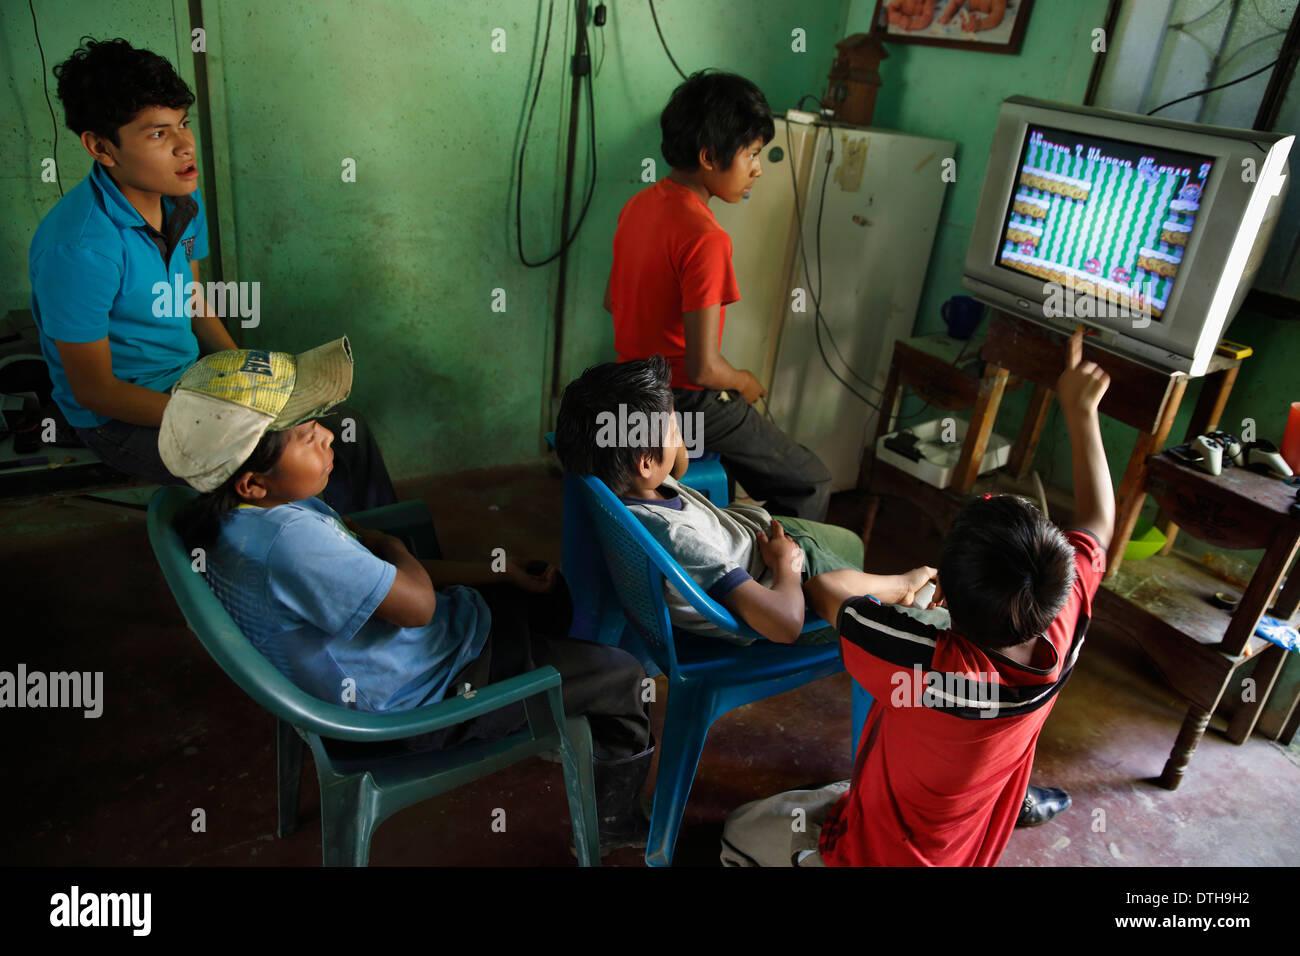 Jeunes garçons jouent au jeu vidéo, San Ramon, Nicaragua Photo Stock